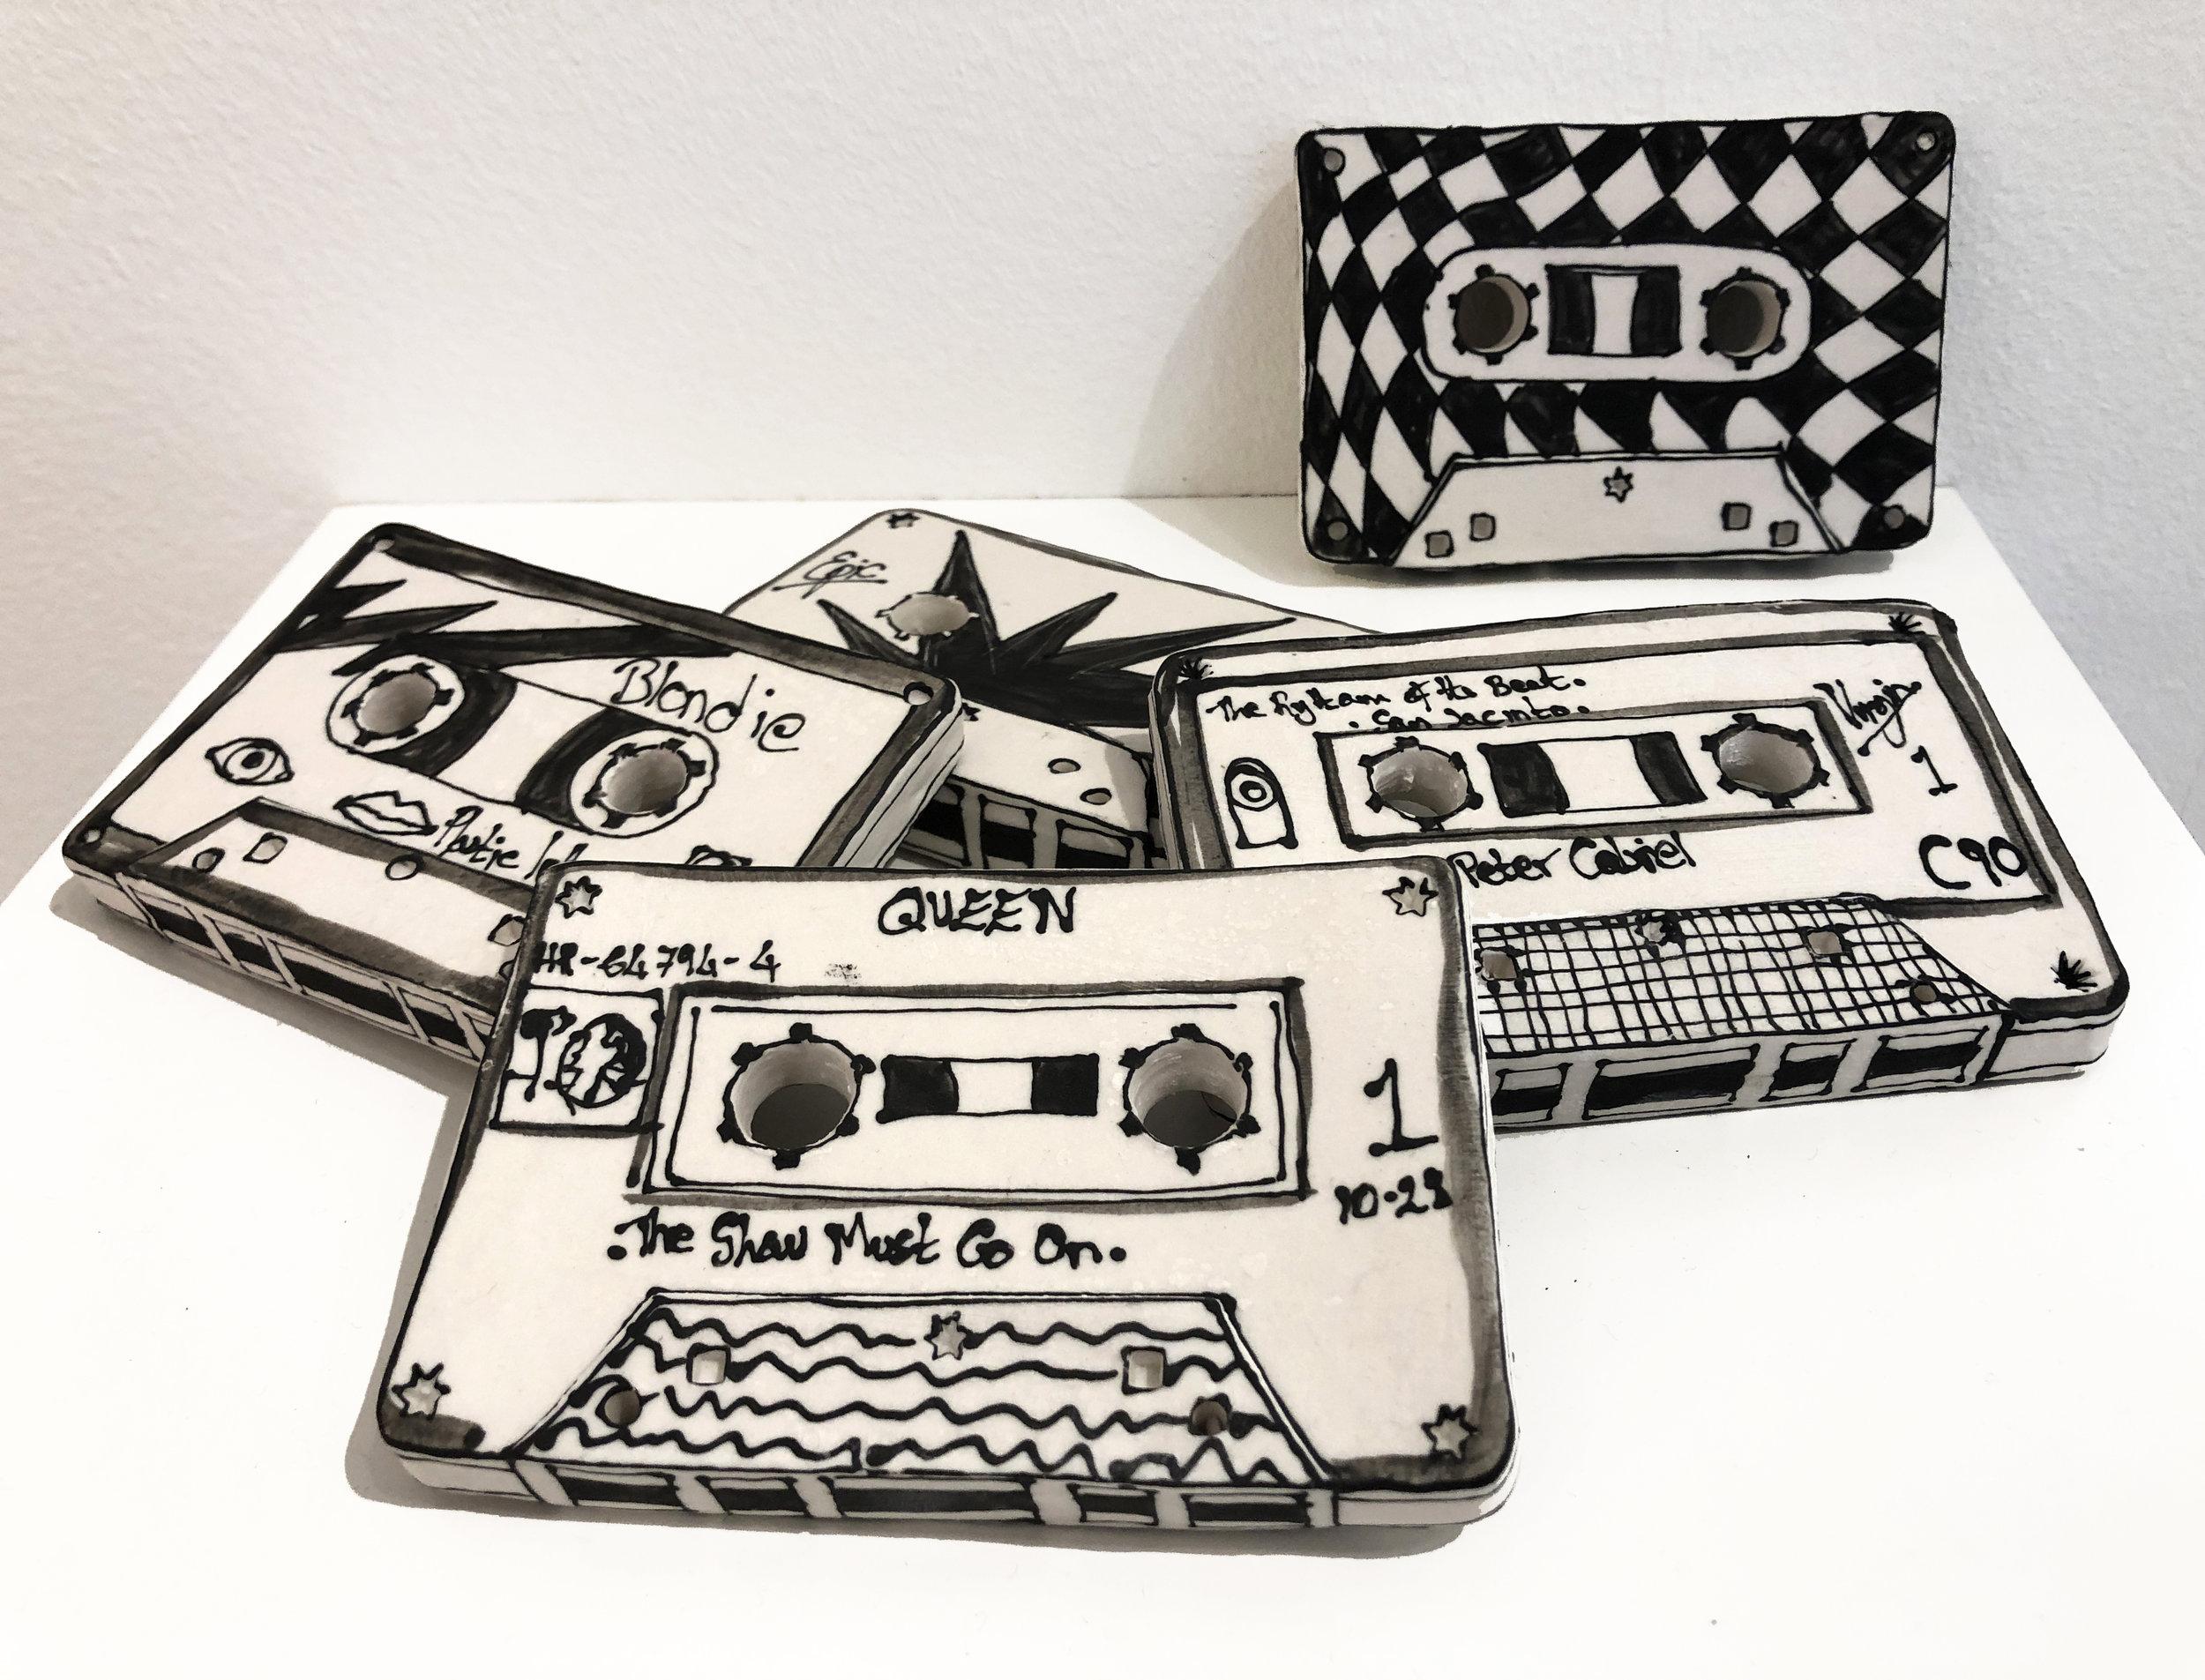 Katharine Morling  - Cassette Tapes  - 2019 - Porcelain and Black Stain